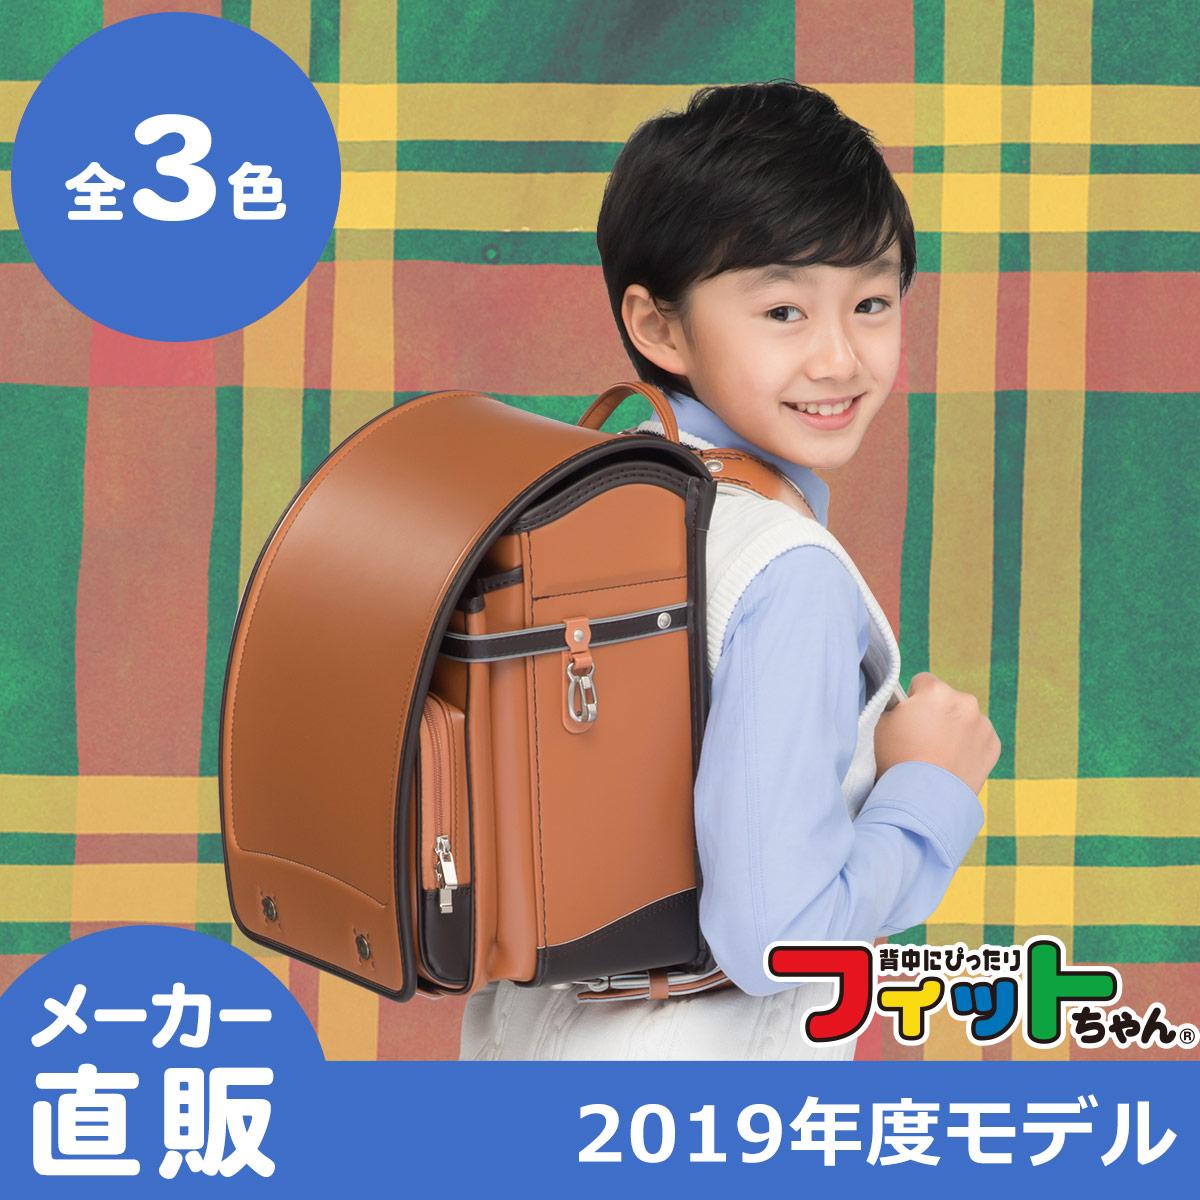 ランドセル フィットちゃん 男の子 イートンクラブ(FIT-217Z)2019年モデル フィットちゃんランドセルA4フラットファイル収納サイズ